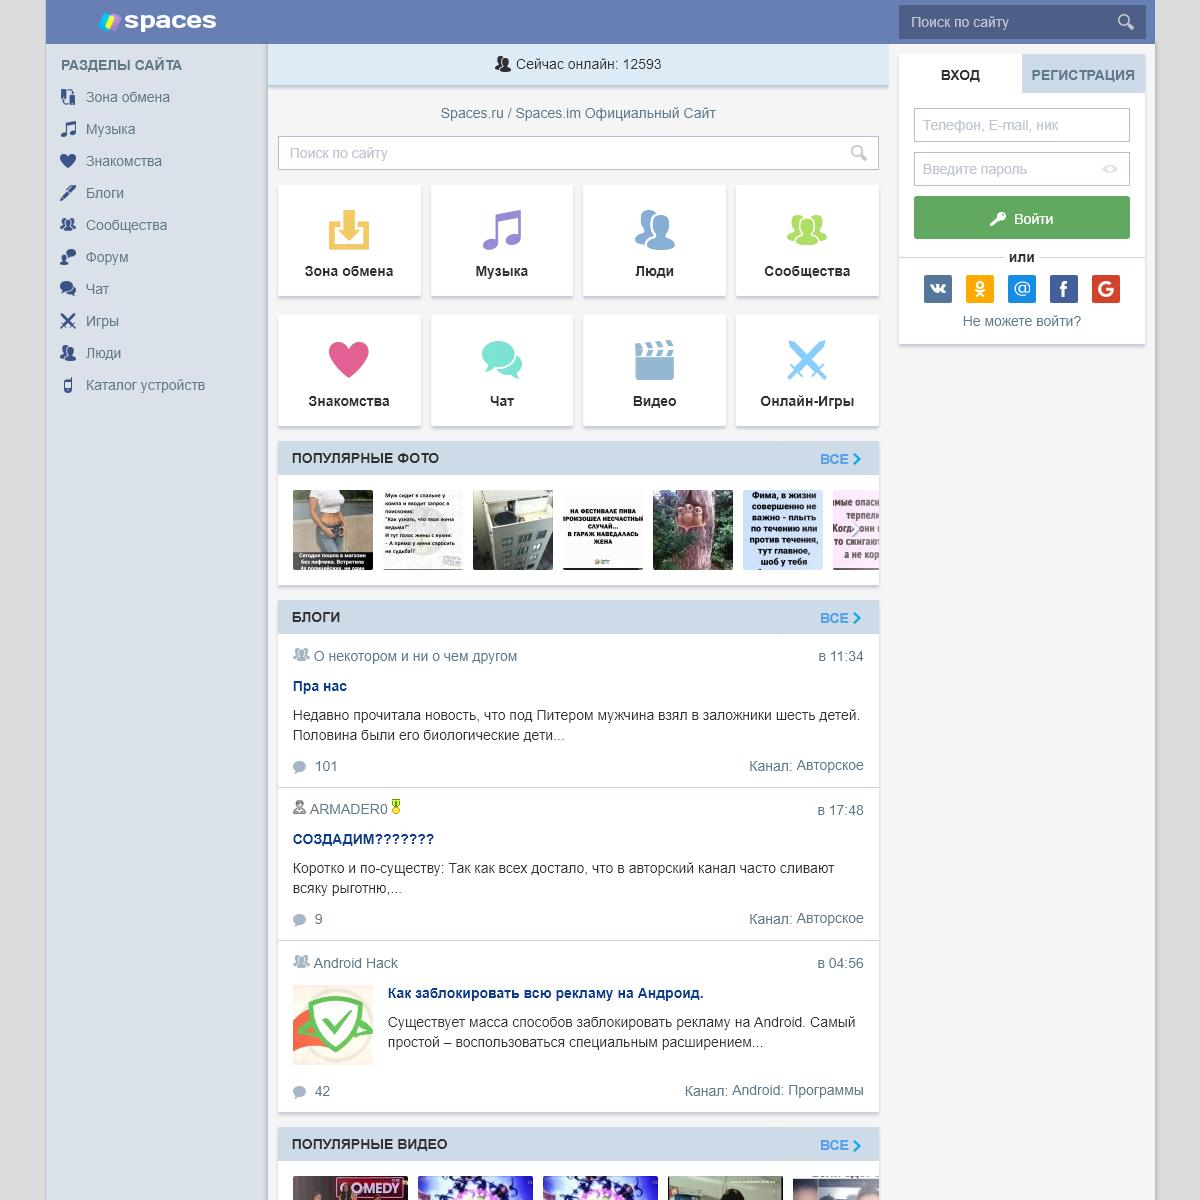 Официальный сайт социальной сети Spaces.ru или Spcs.me - Спакес